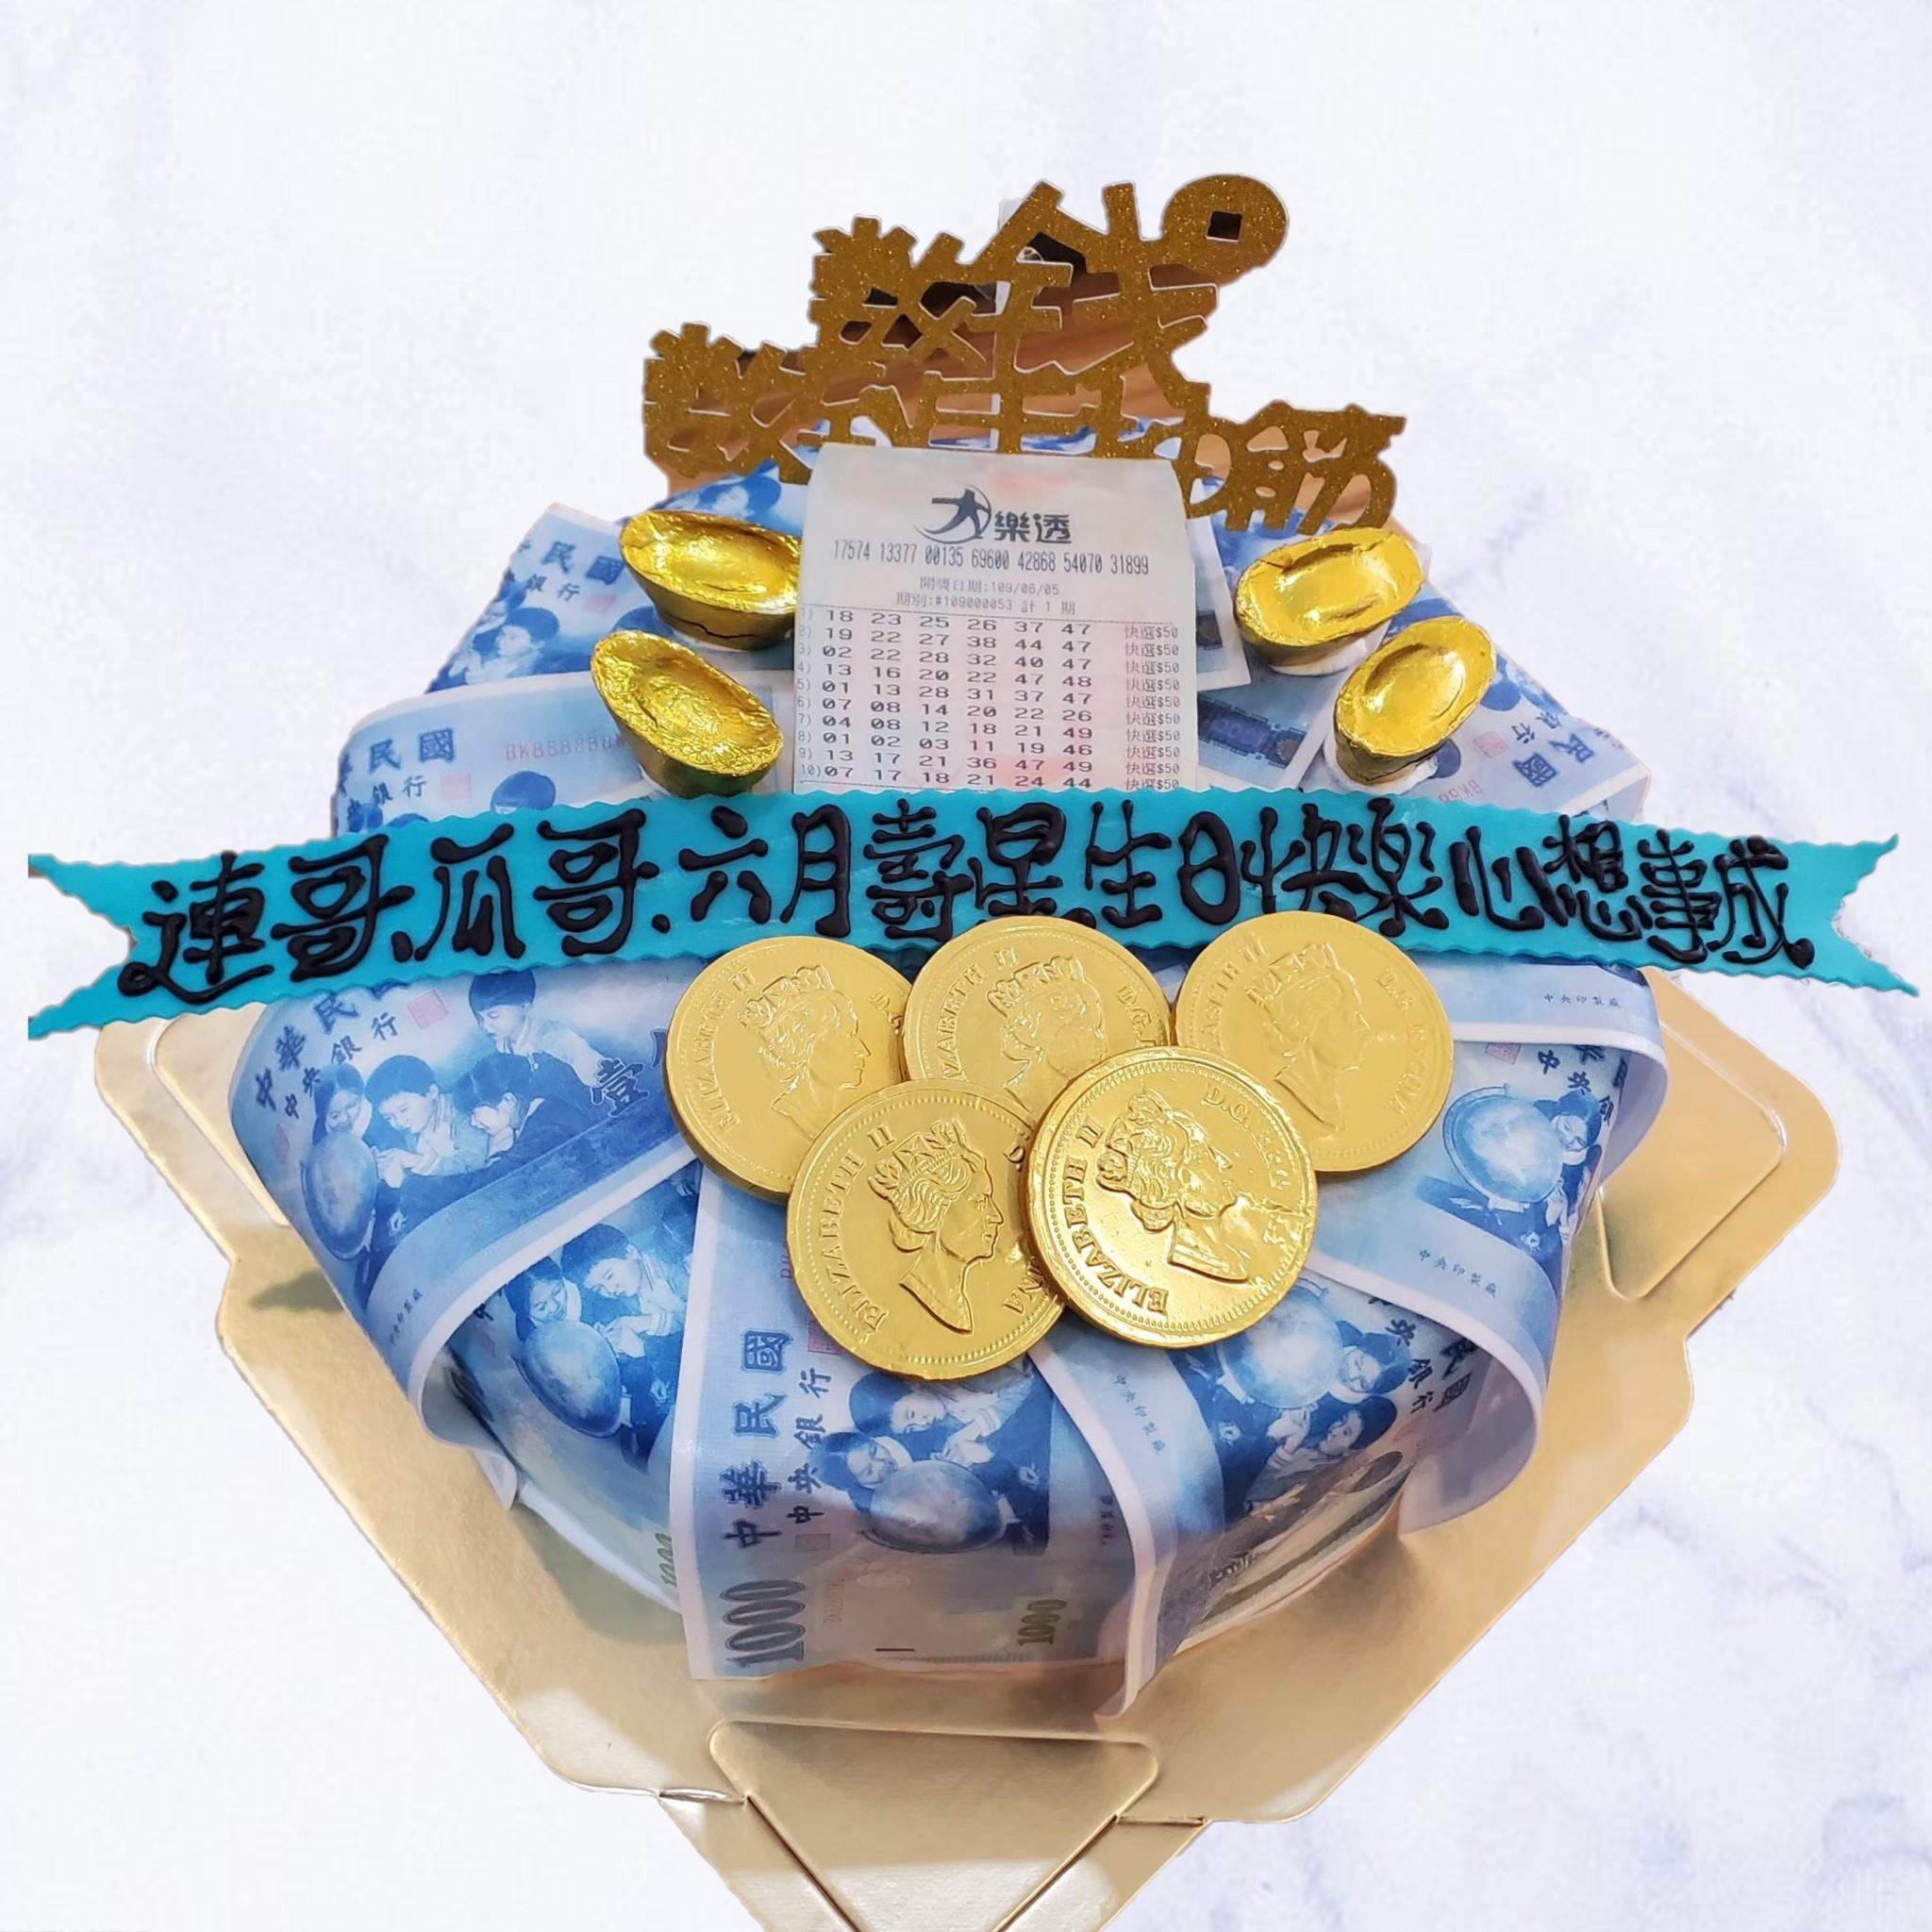 大樂透鈔票相片蛋糕